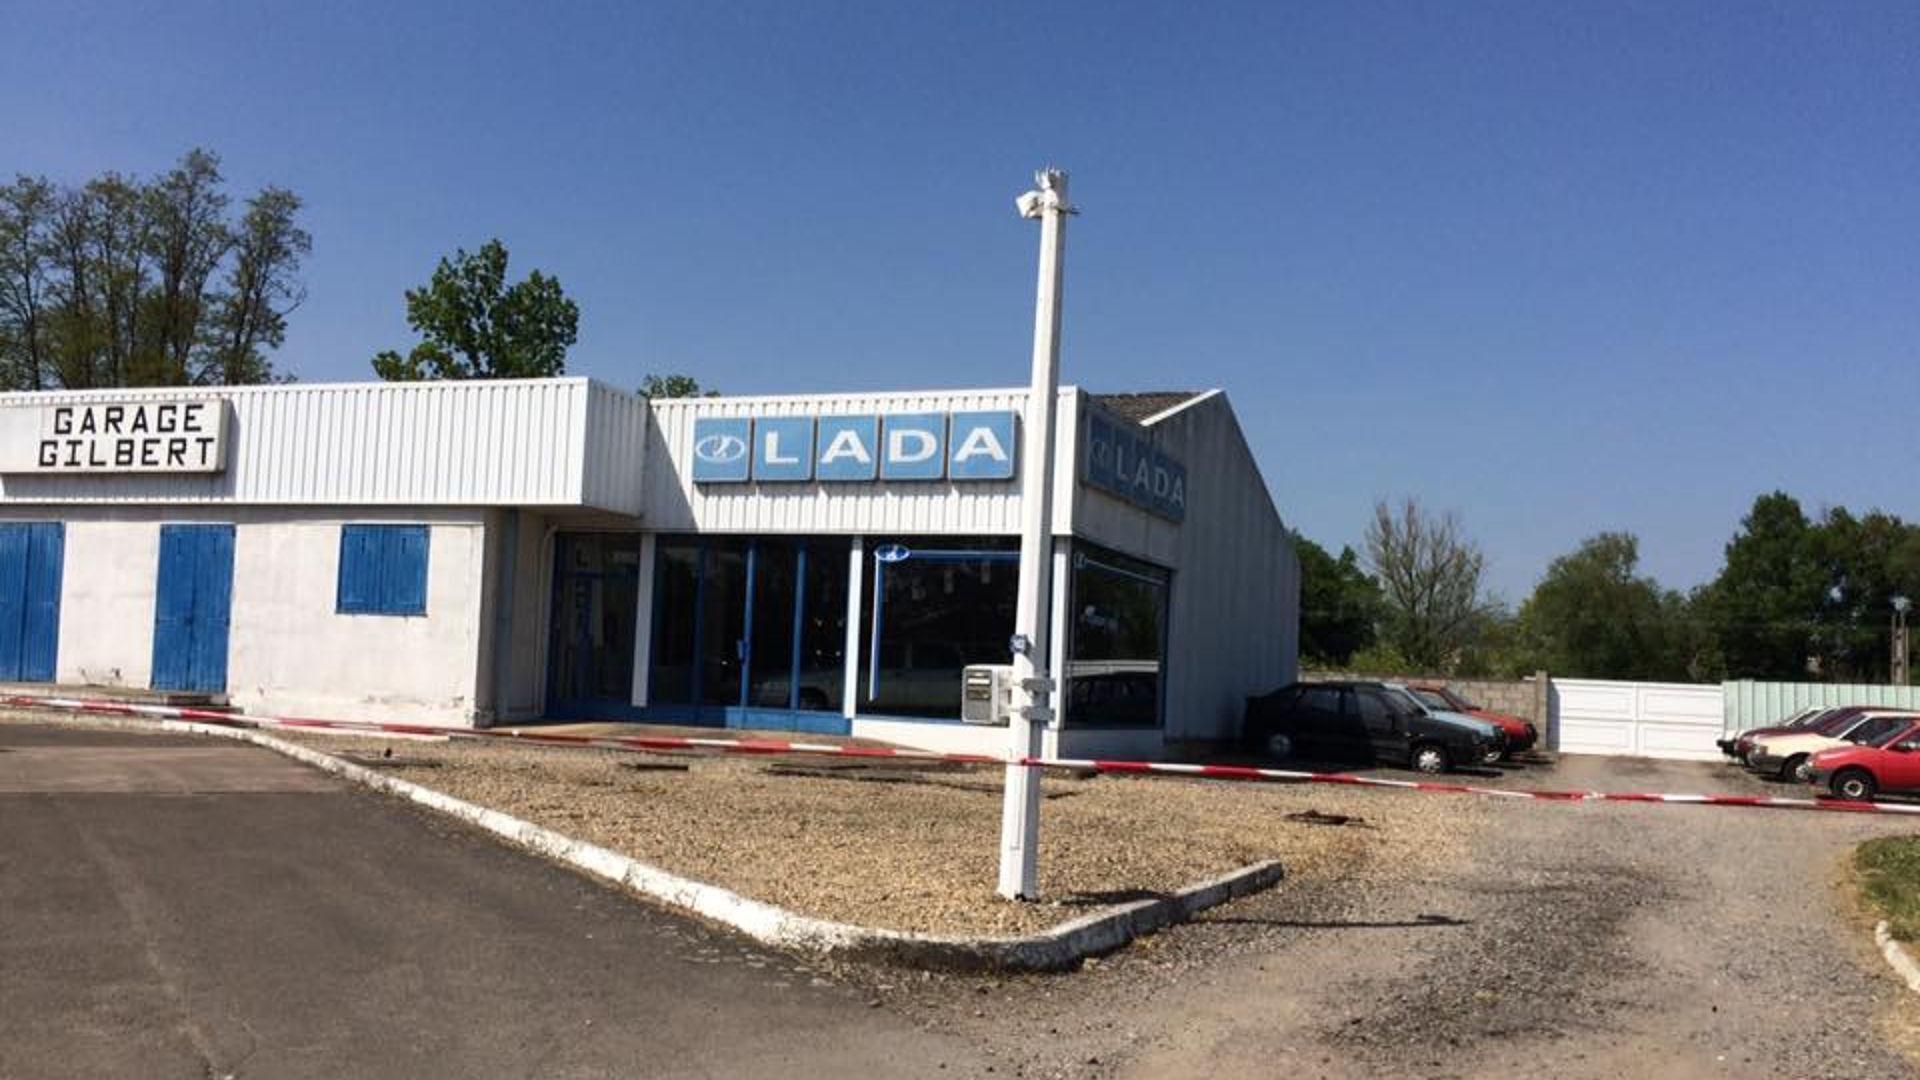 Abandoned_French_Lada_dealership_05